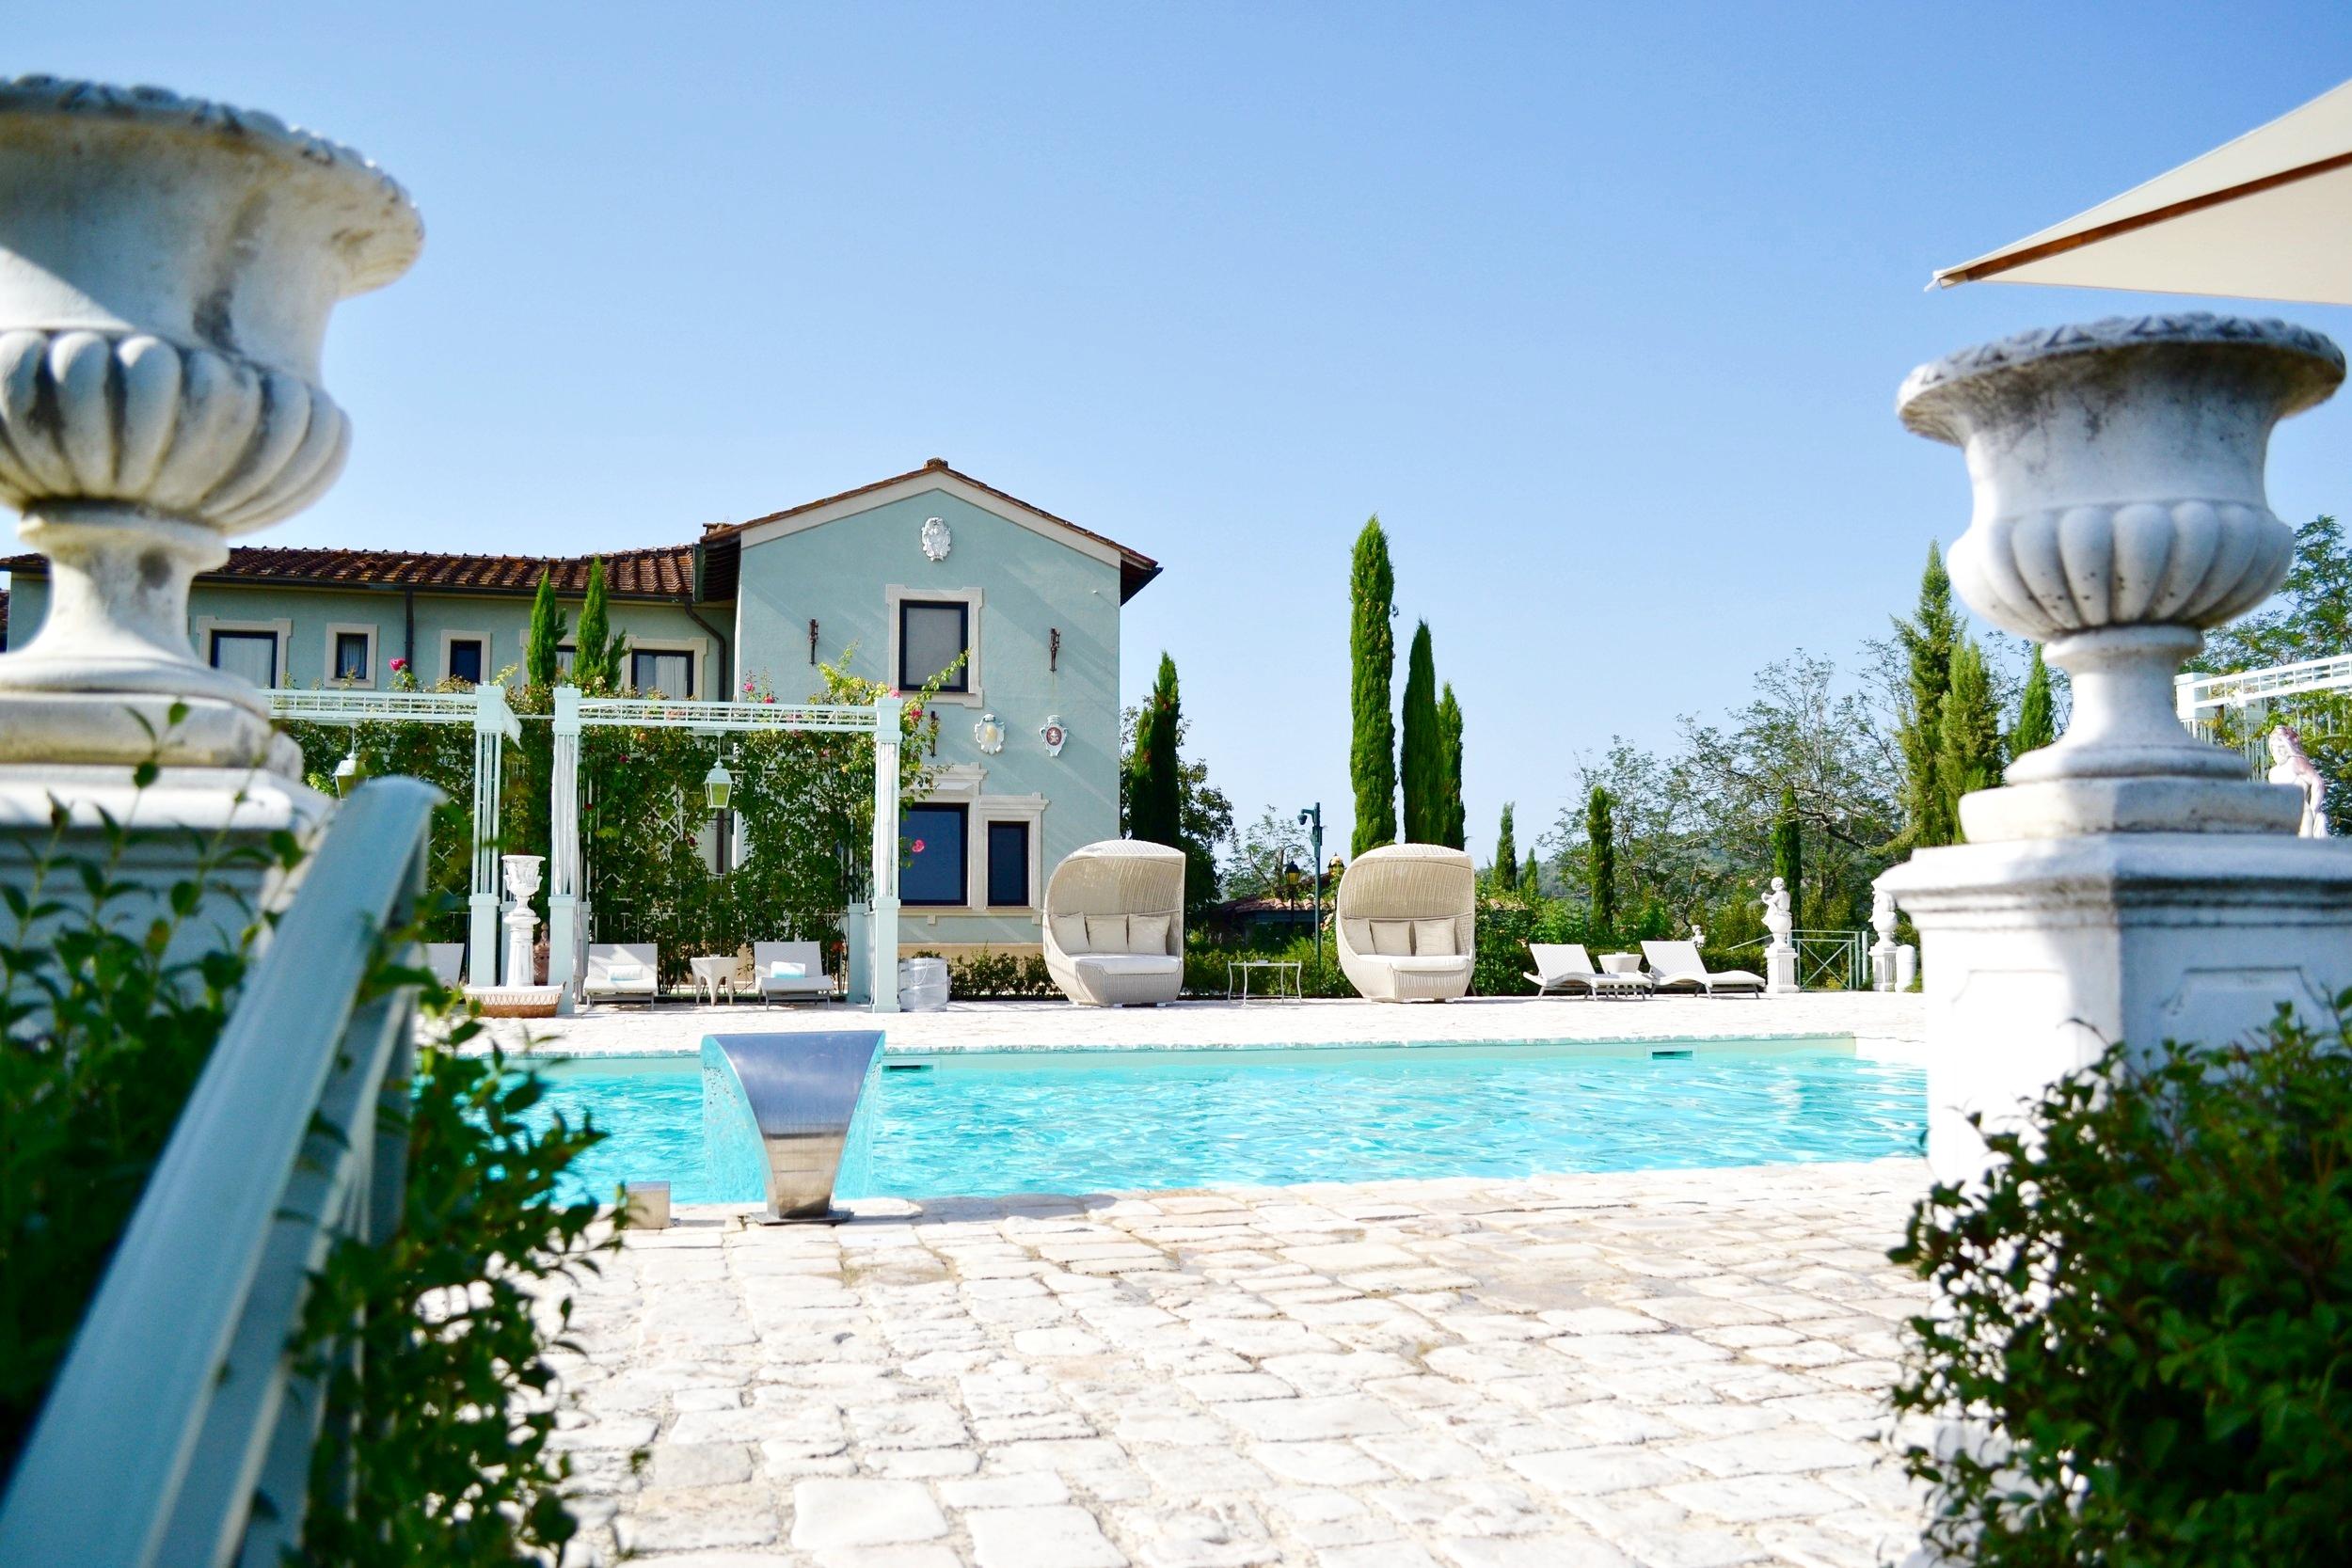 Copy of Relais Sassa Al Sole Tuscany Italy